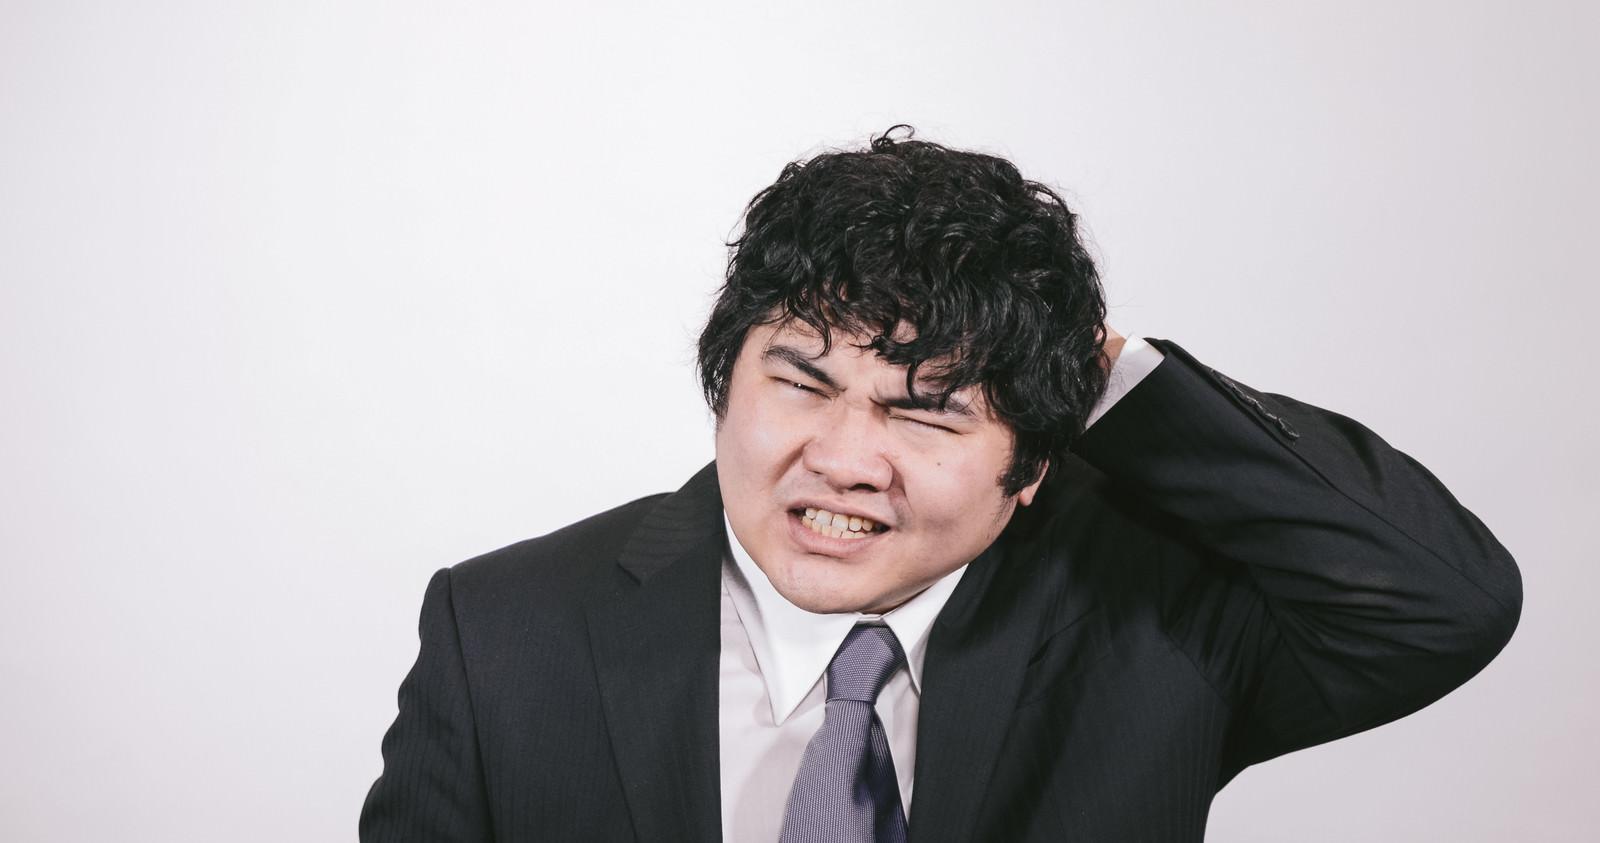 「失敗ばかりの会社員失敗ばかりの会社員」[モデル:段田隼人]のフリー写真素材を拡大